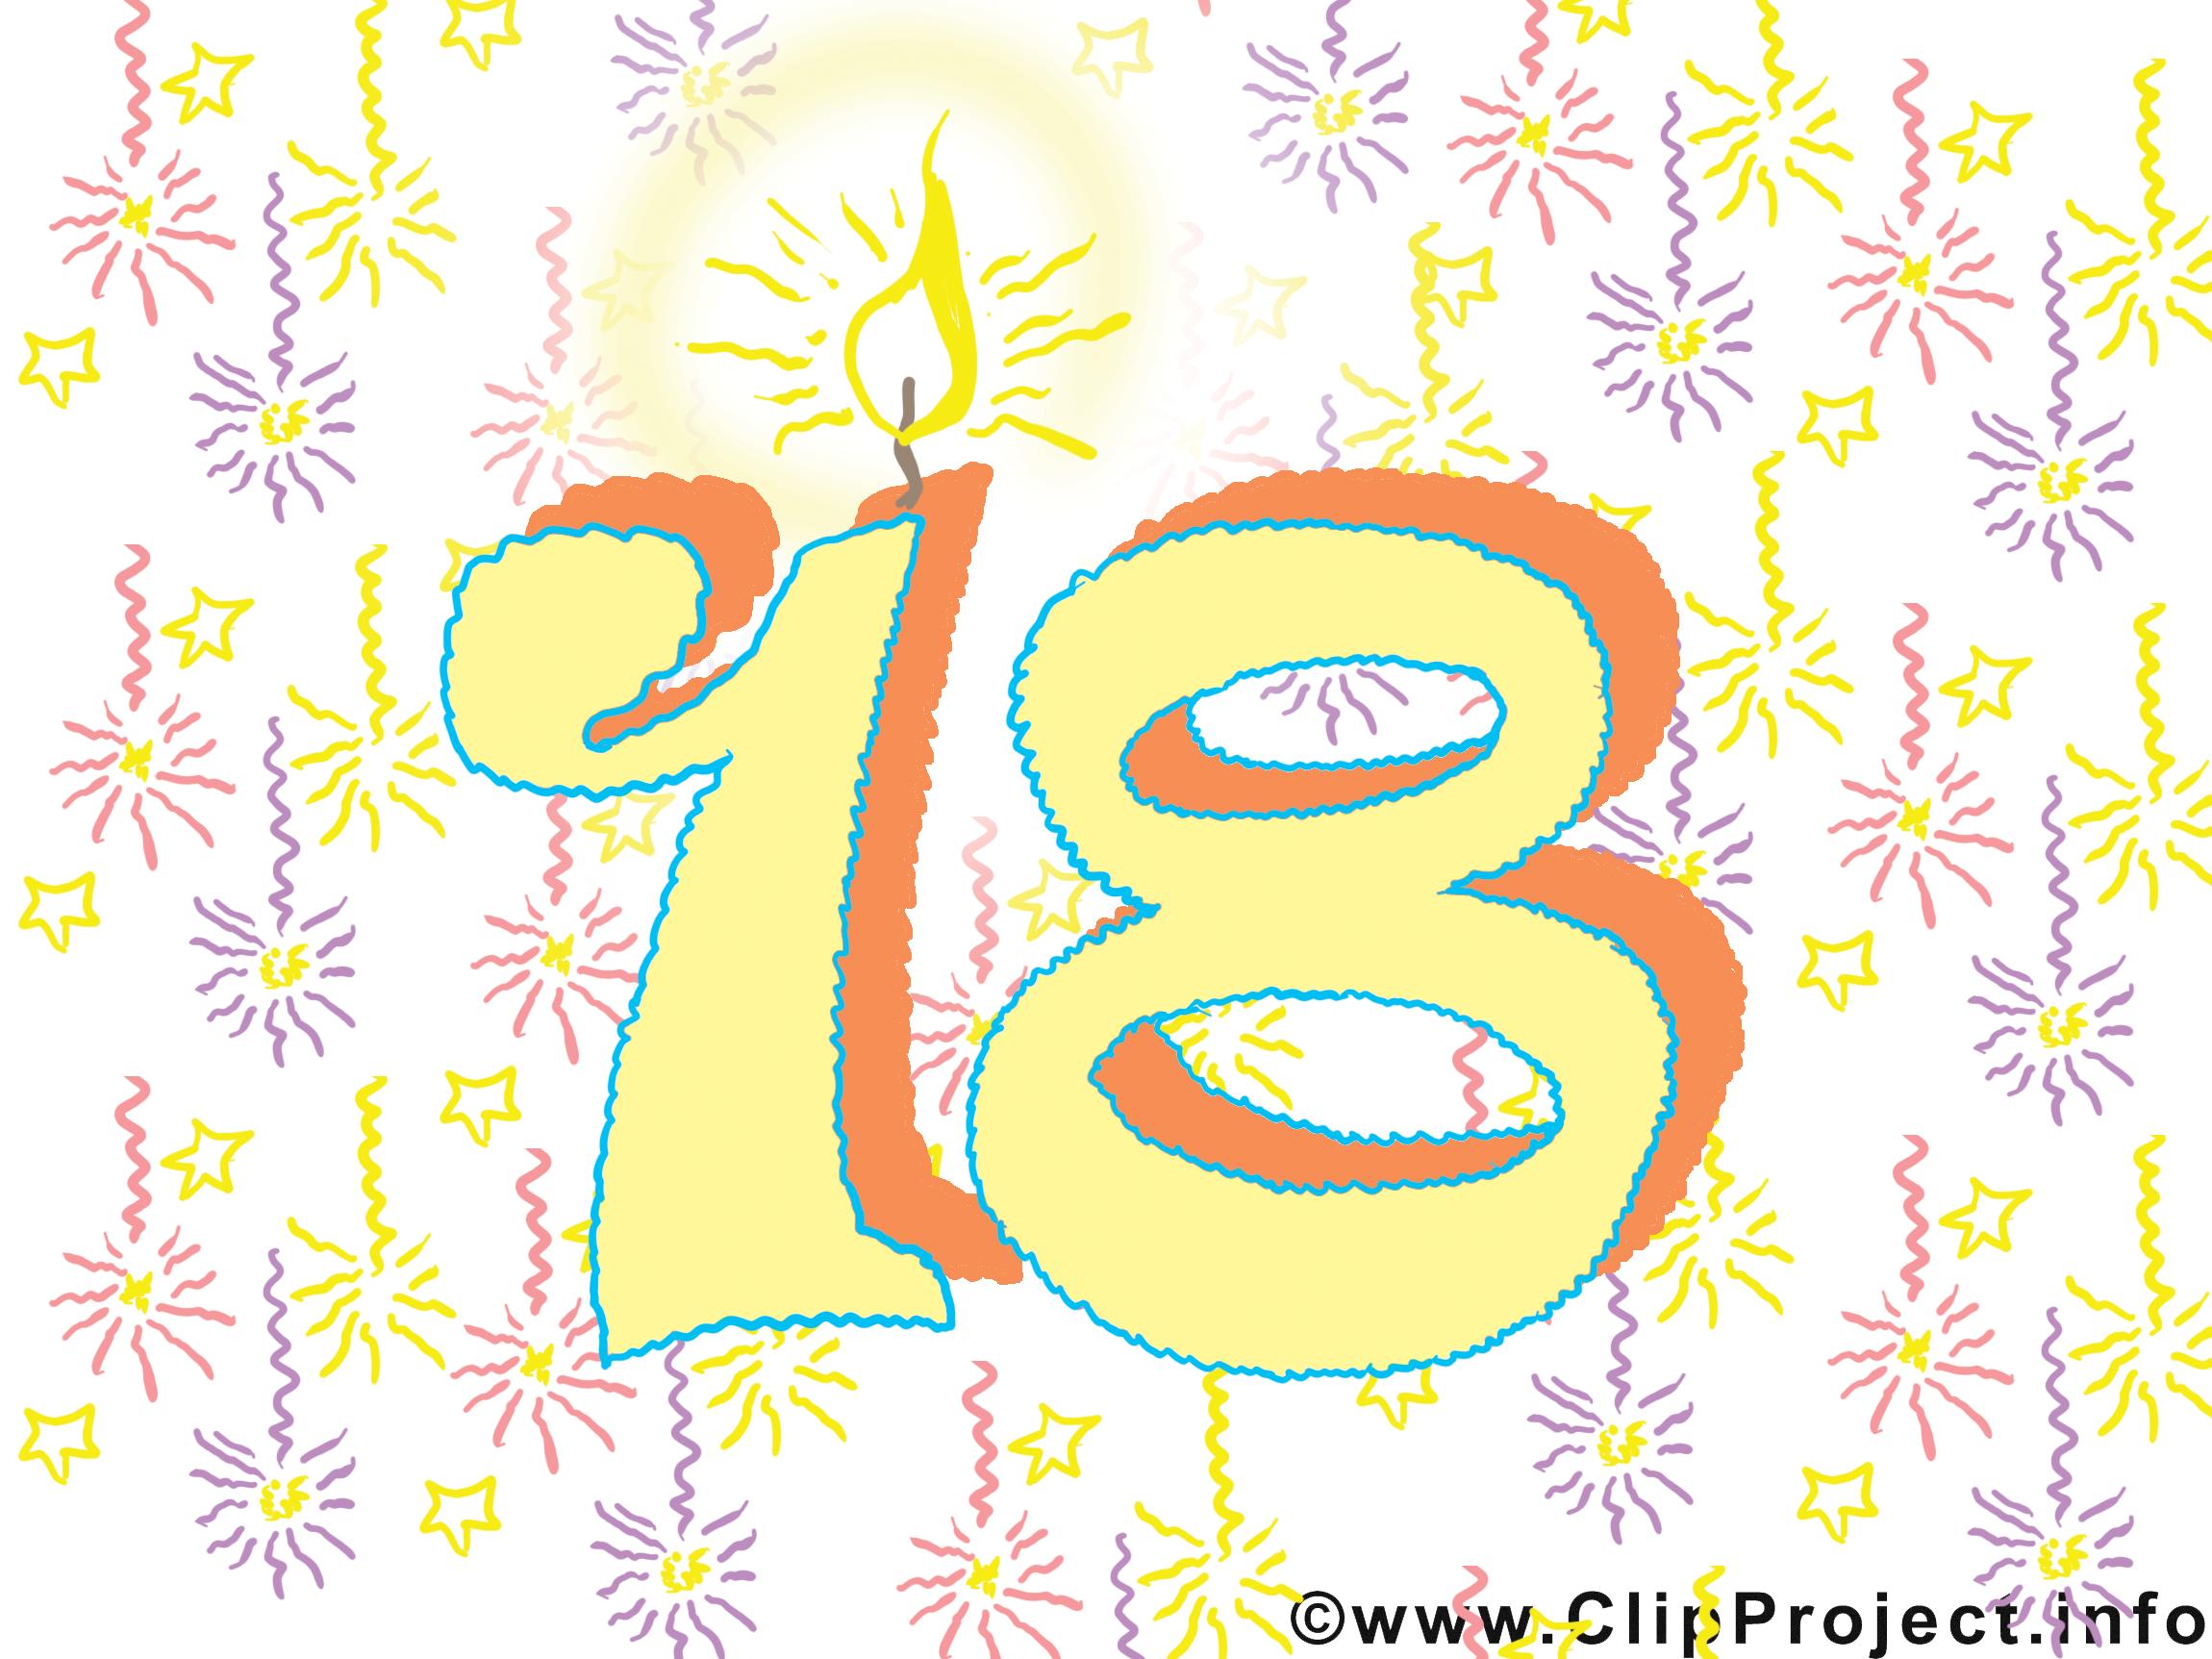 Cliparts geburtstag zum ausdrucken graphic download Geburtstag Bilder, Cliparts, Cartoons, Grafiken, Illustrationen ... graphic download